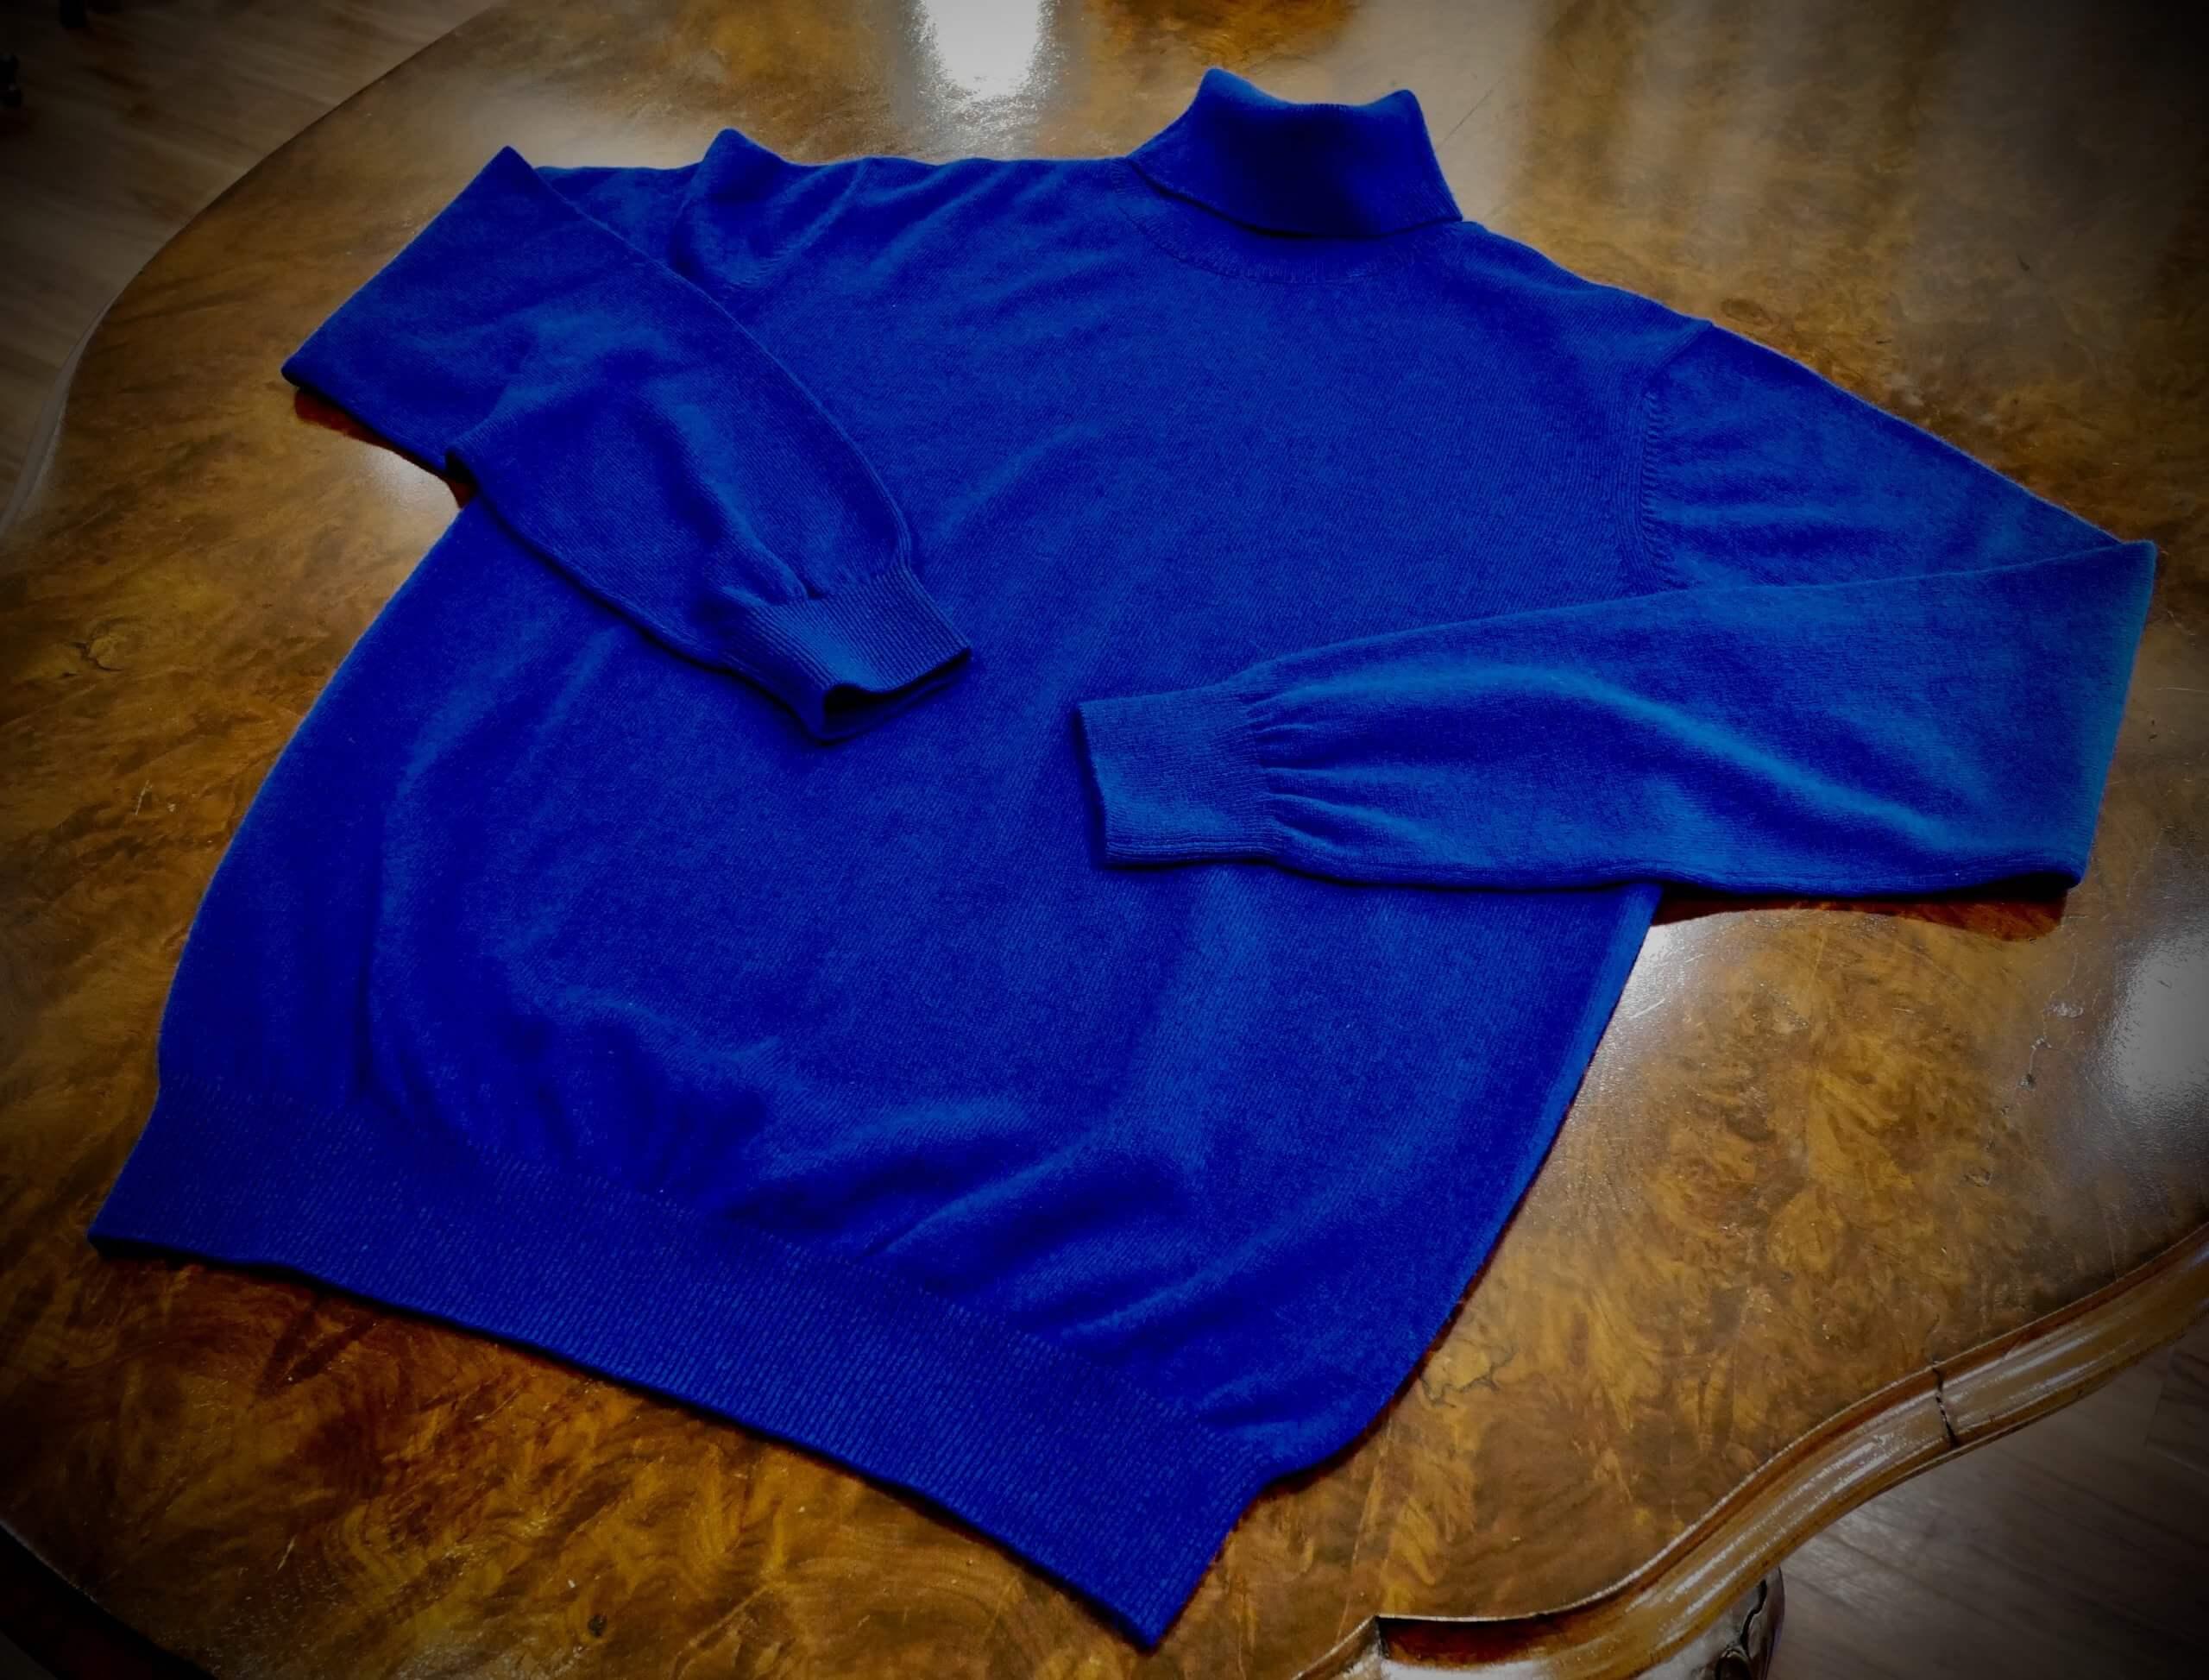 Knitwear_20201111_knitwear_3.jpg